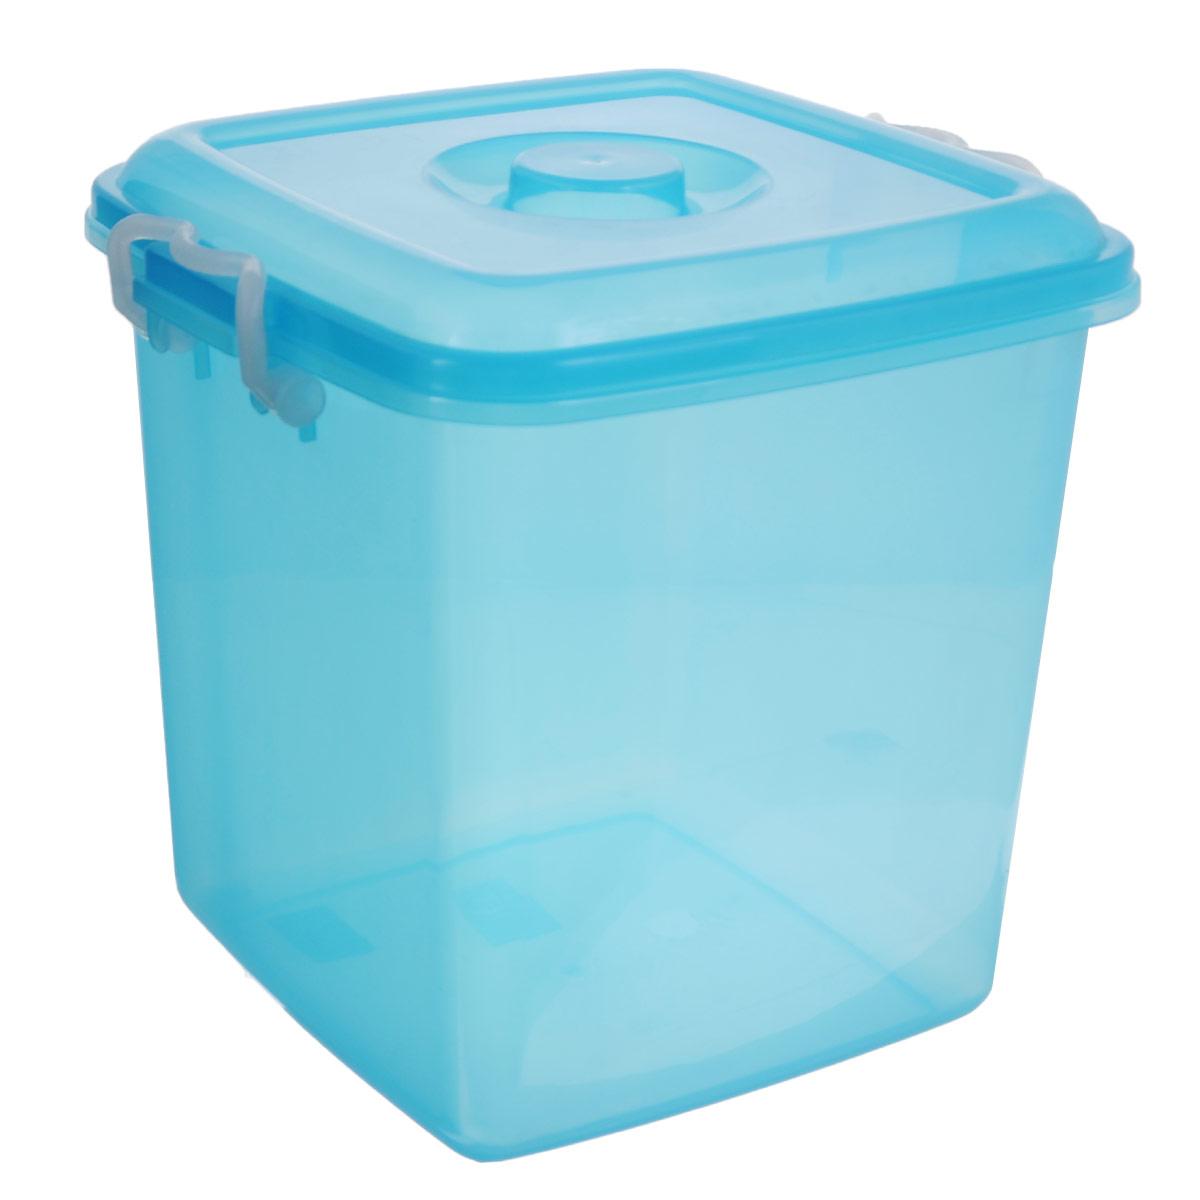 Контейнер для хранения Idea Океаник, цвет: голубой, 10 лМ 2857Контейнер Idea Океаник выполнен из прочного пластика, предназначен для хранения различных бытовых предметов и мелочей. Контейнер снабжен эргономичной плотно закрывающейся крышкой со специальными боковыми фиксаторами.